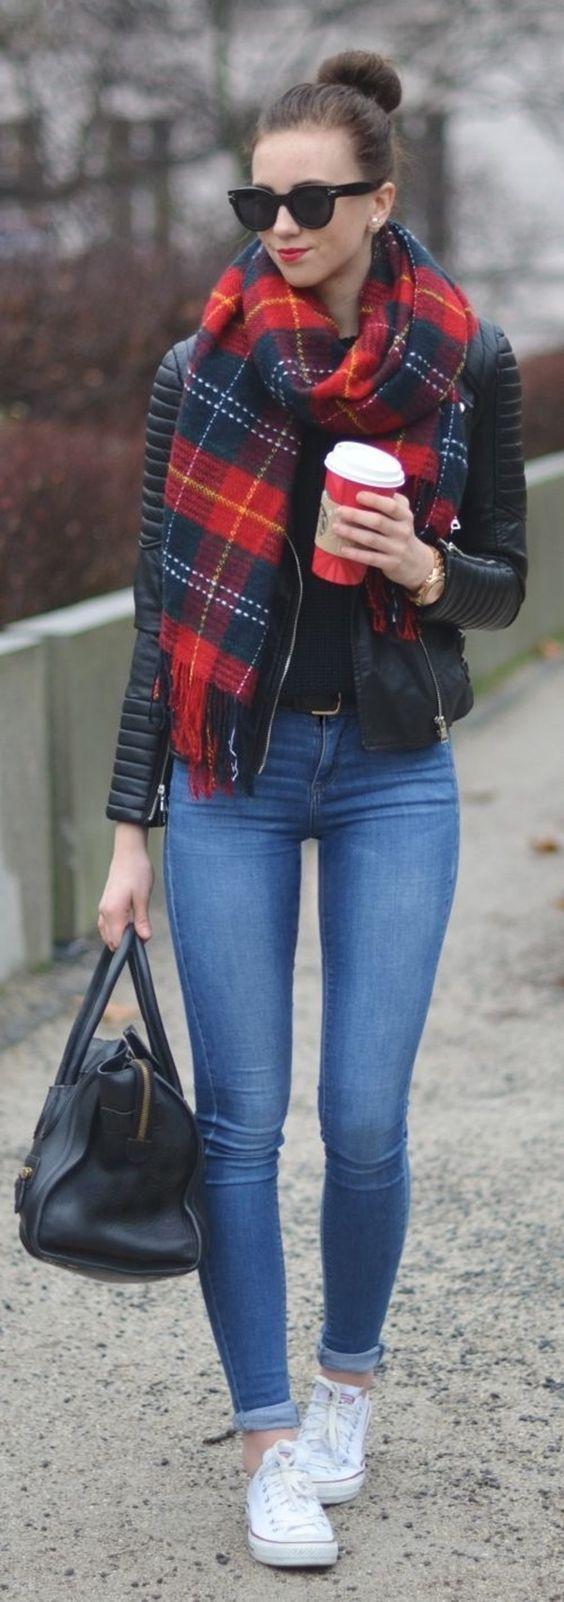 Campera cuero y bufanda. blusa básica y jeans con converse: